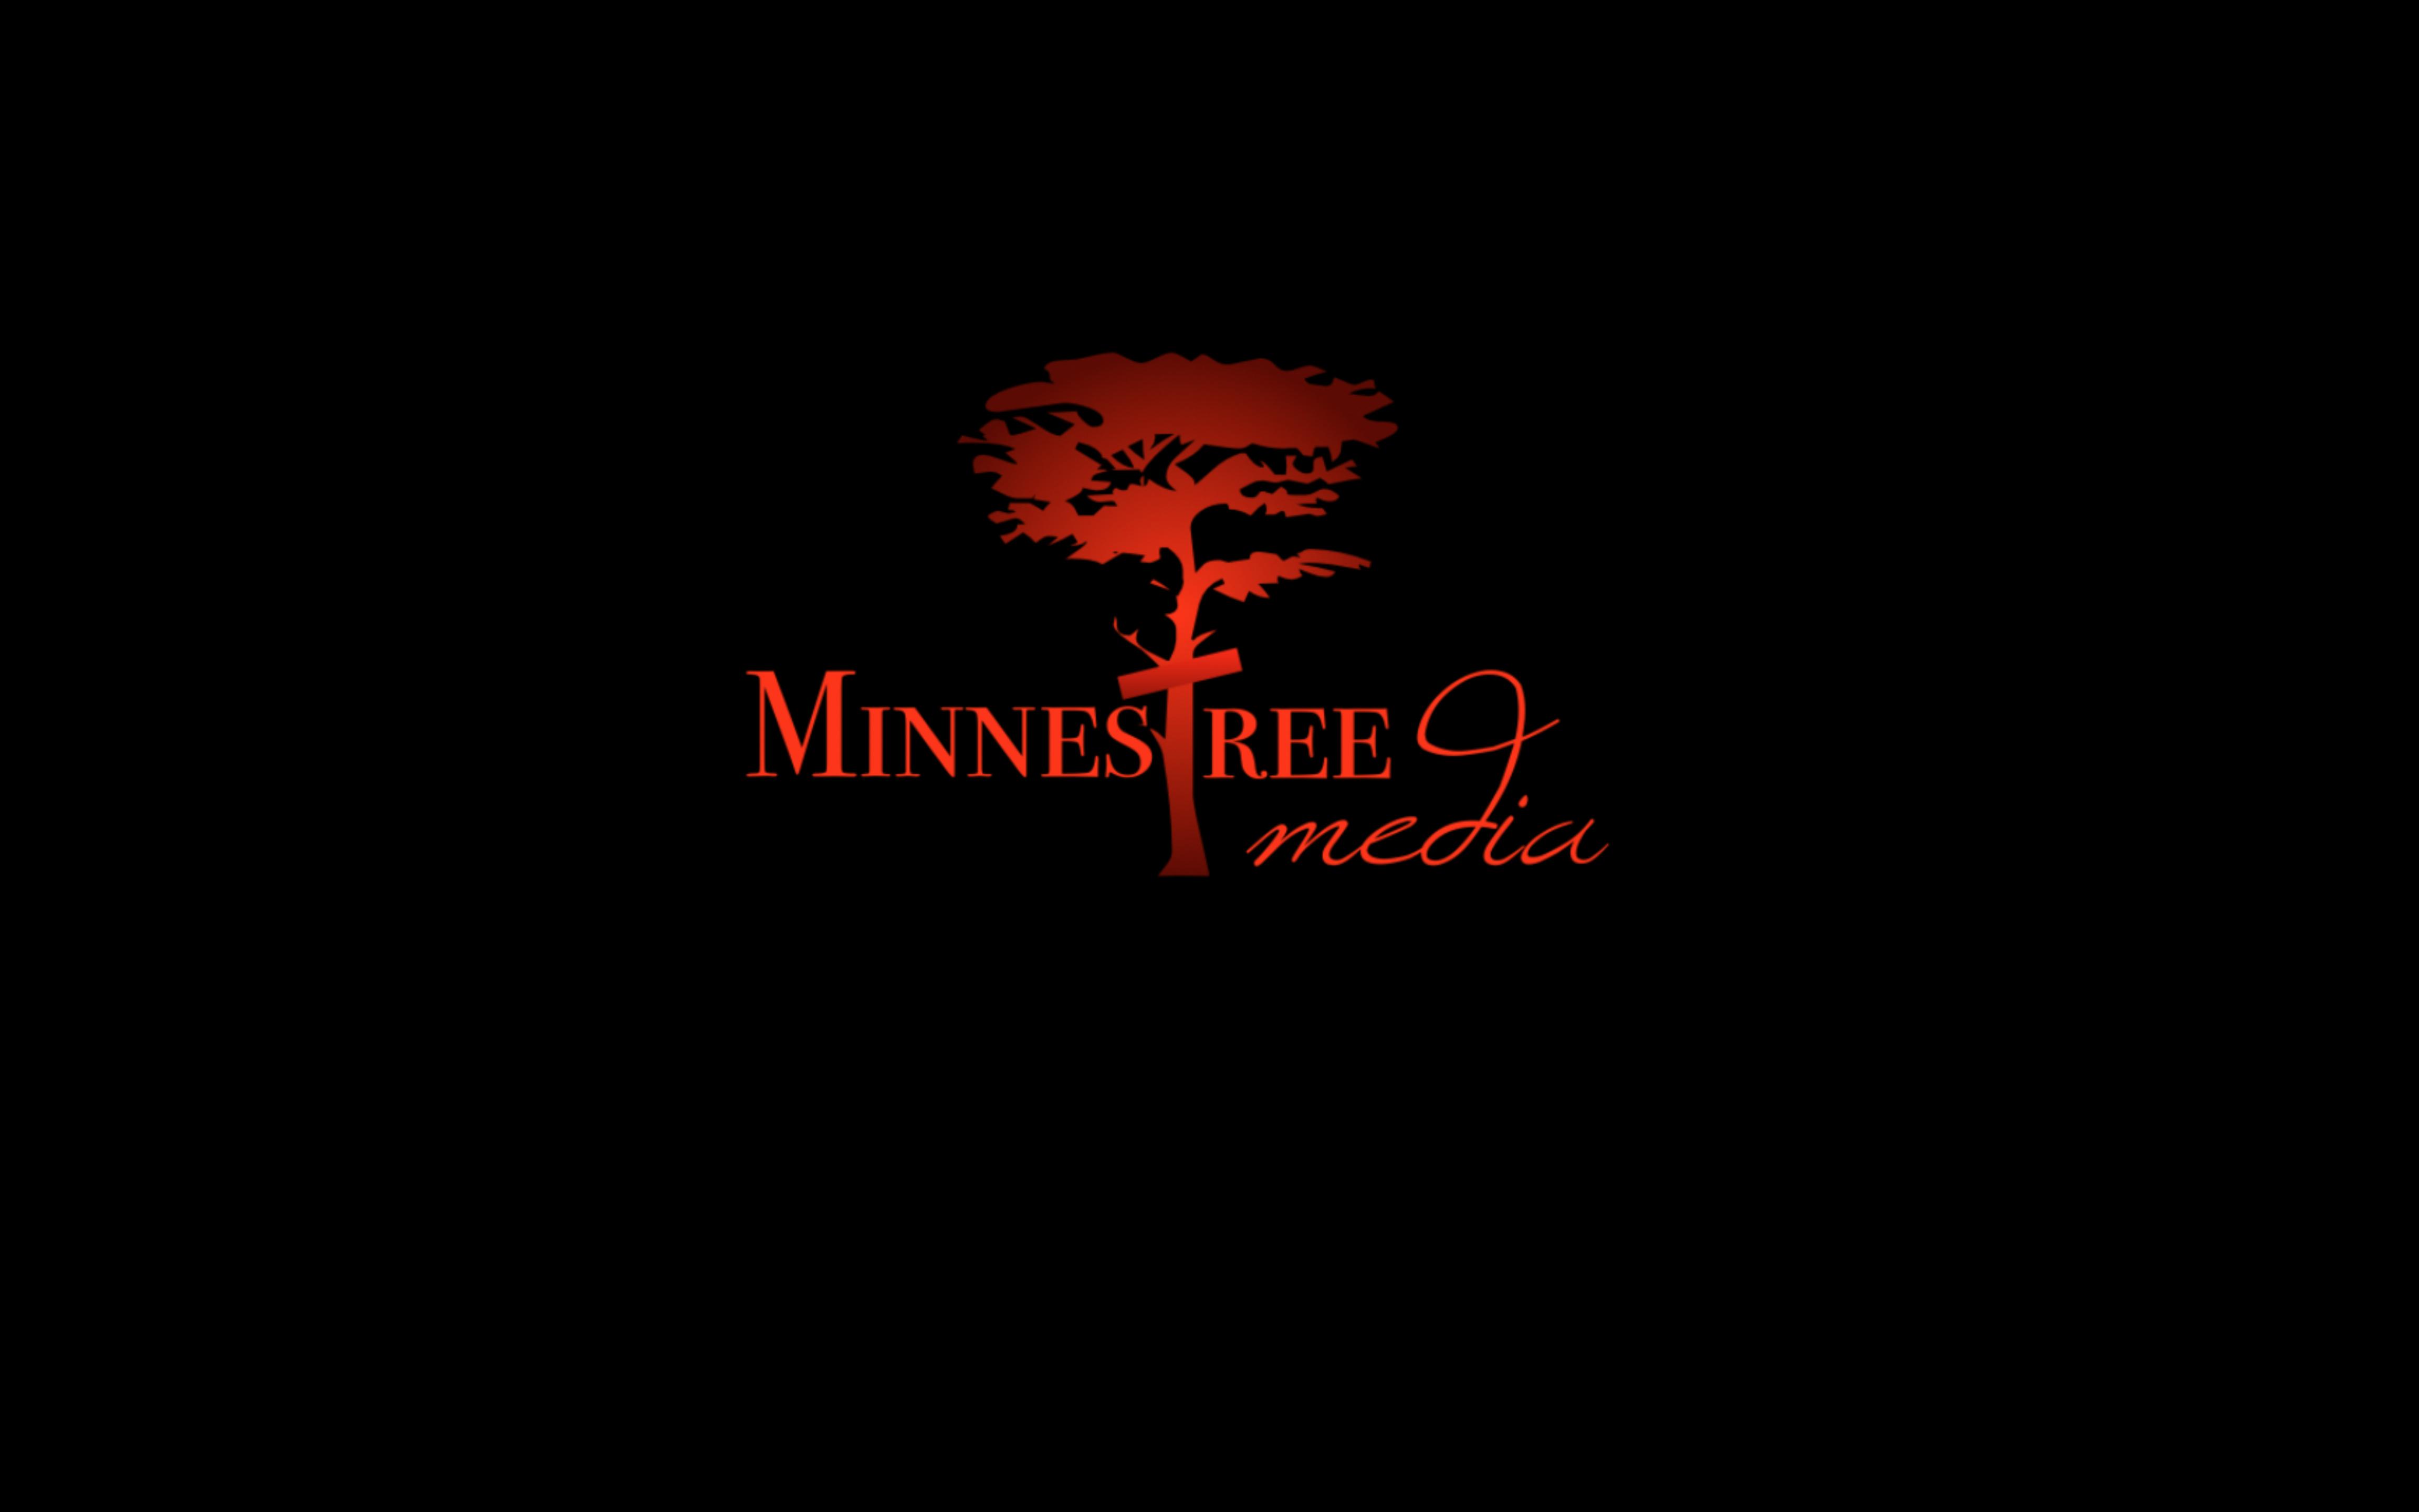 MINNES TREE MEDIA